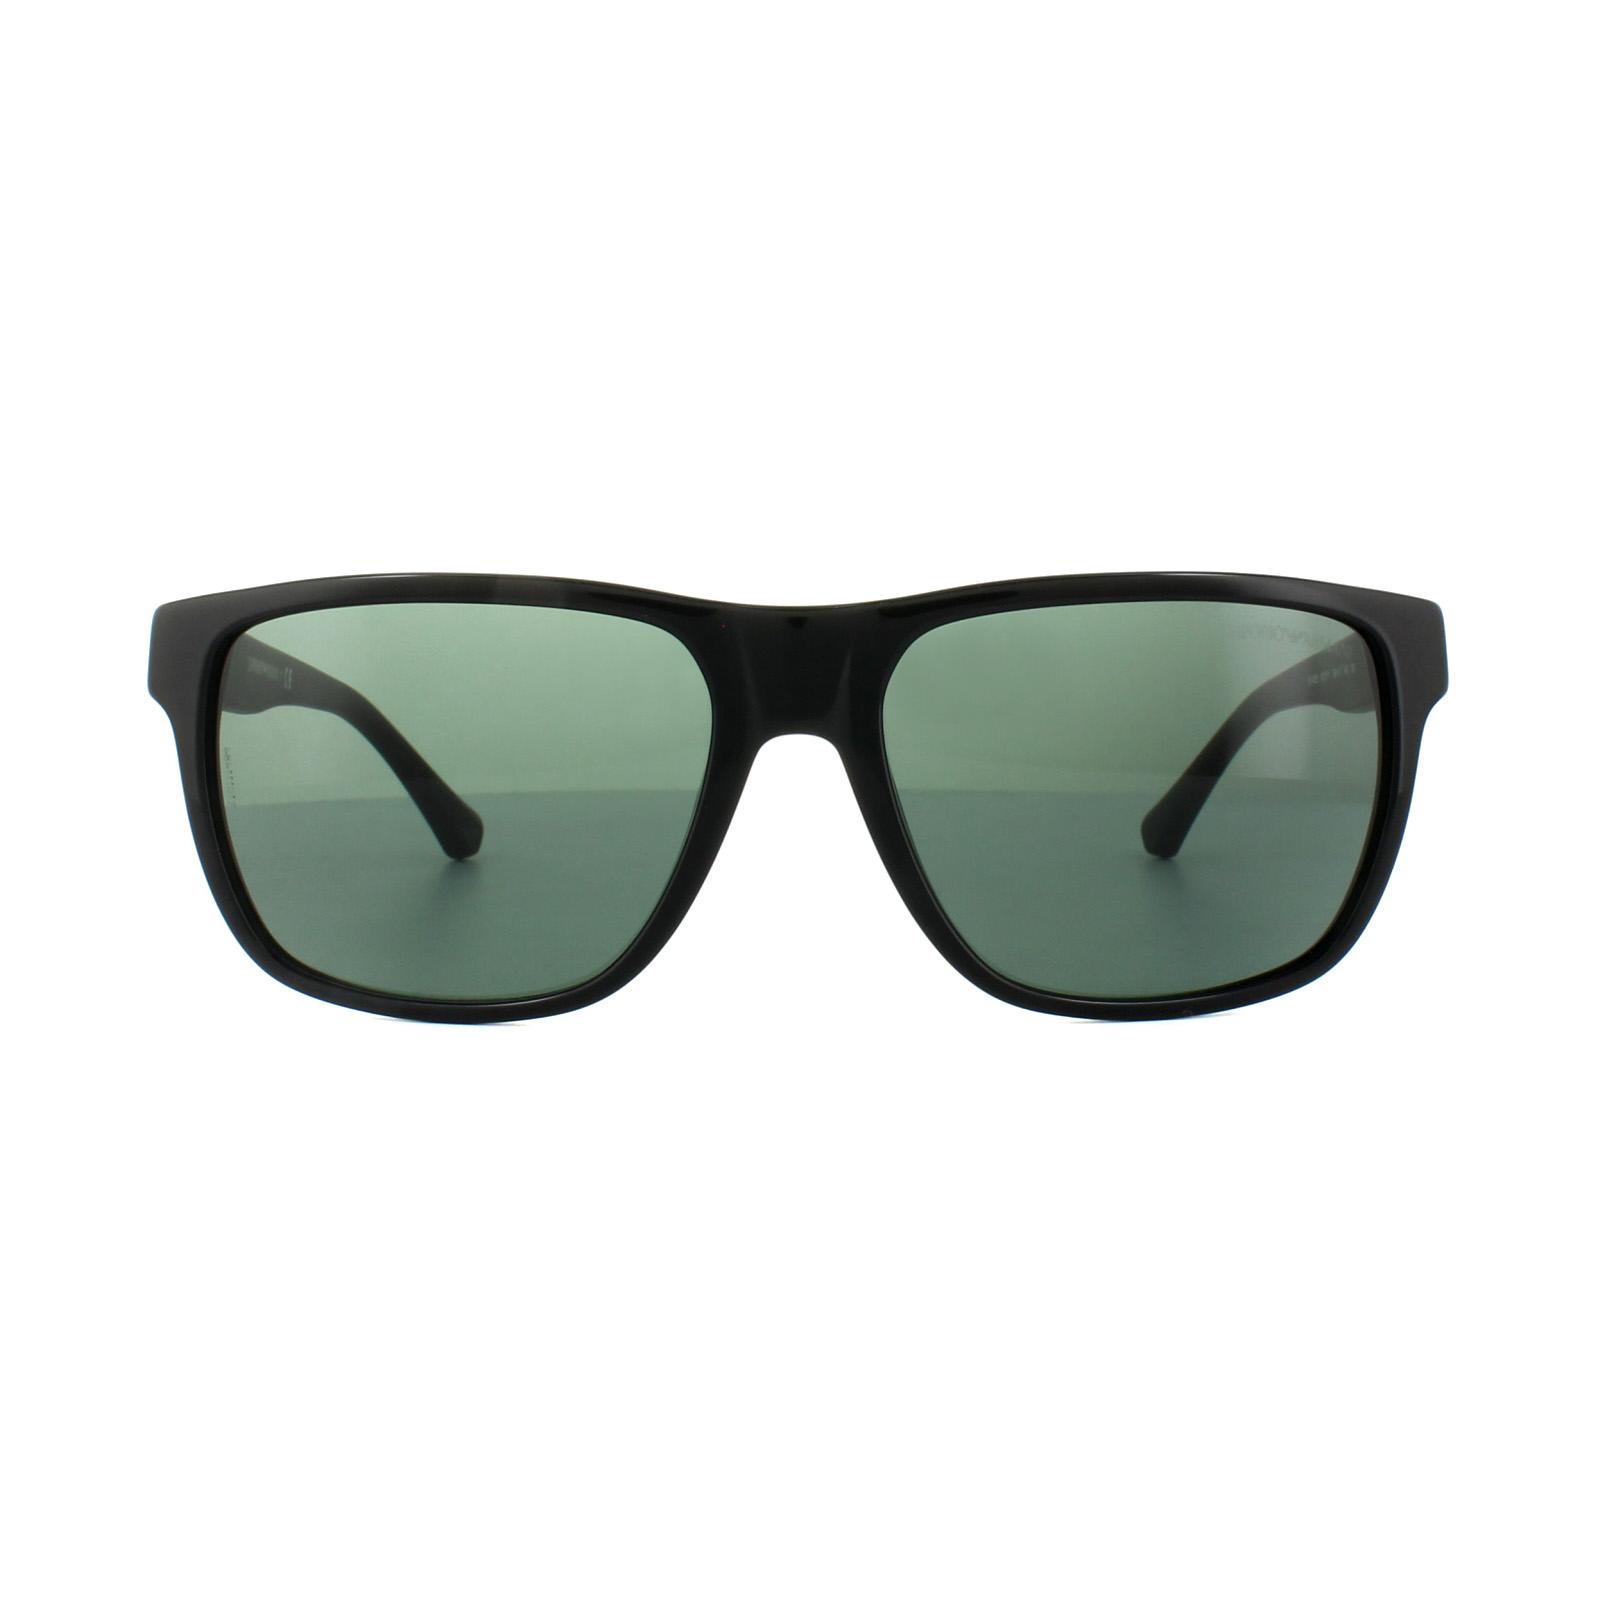 Emporio Armani Sunglasses 4035 501771 Black Grey Green 8053672287097 ... f82b9a3d27fd